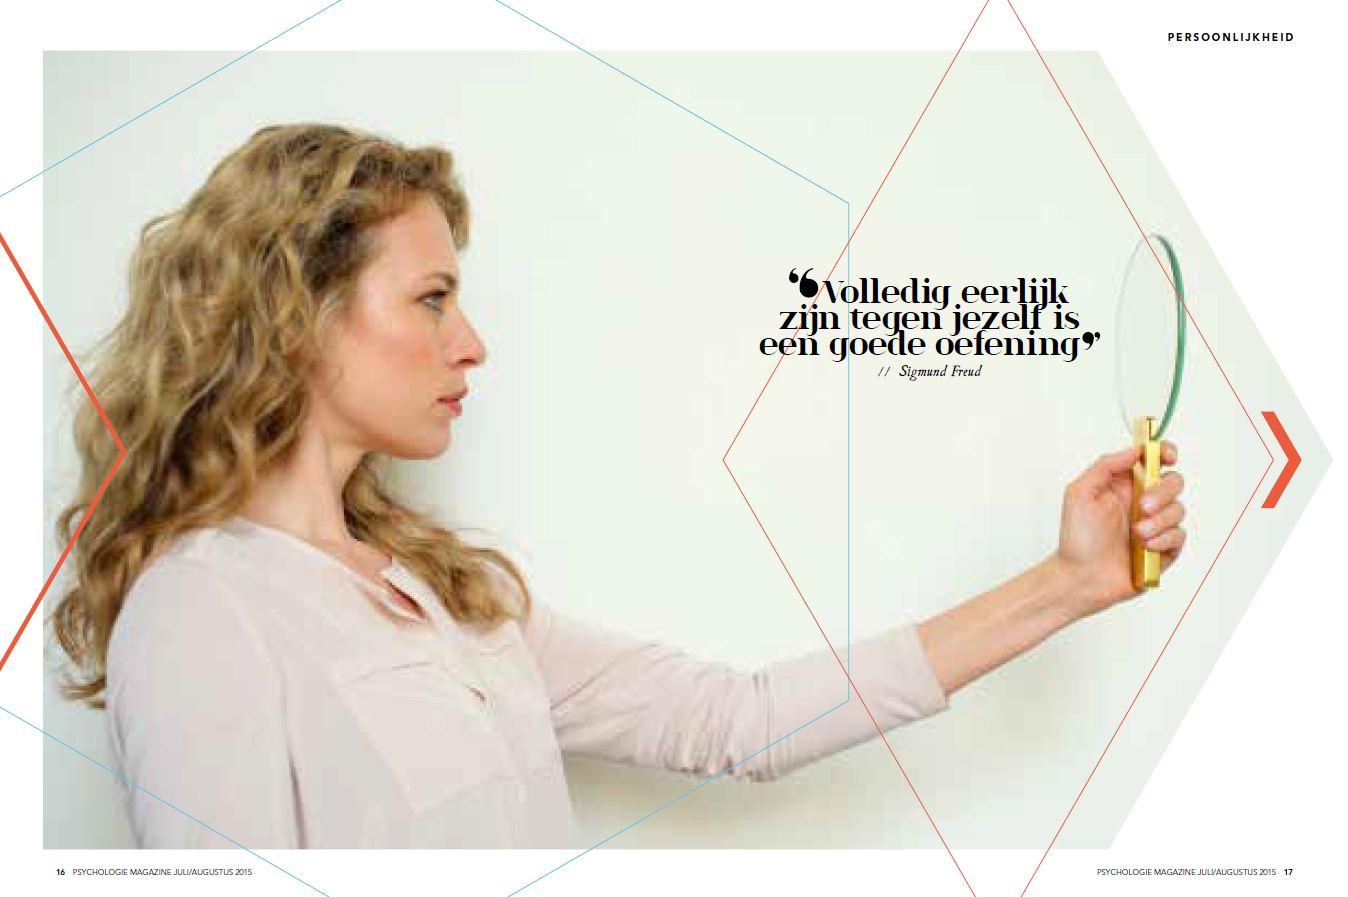 Zelfreflectie - Psychologie Magazine